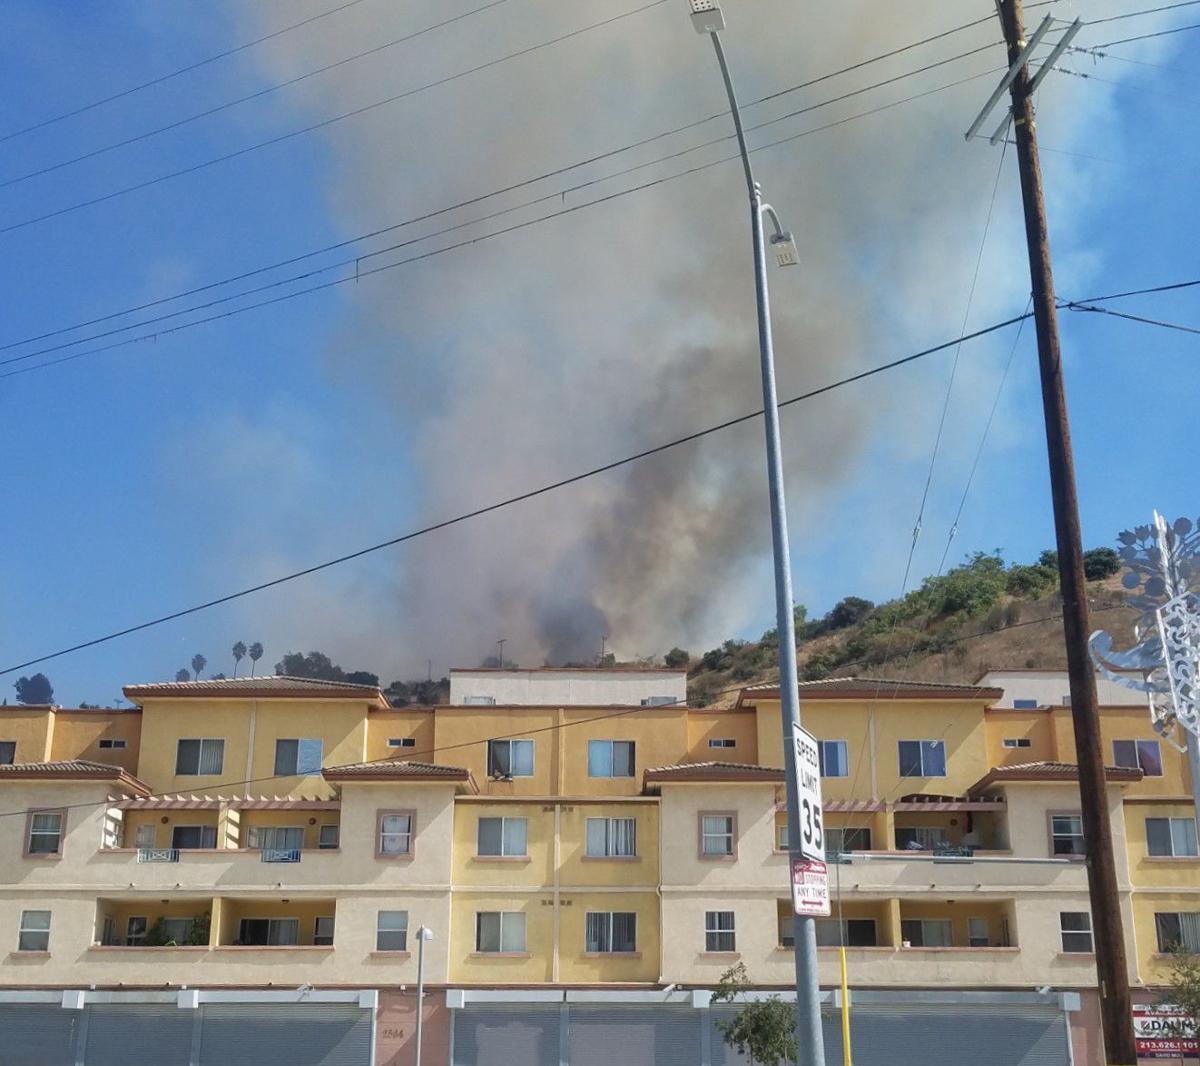 Smoke from El Sereno fire